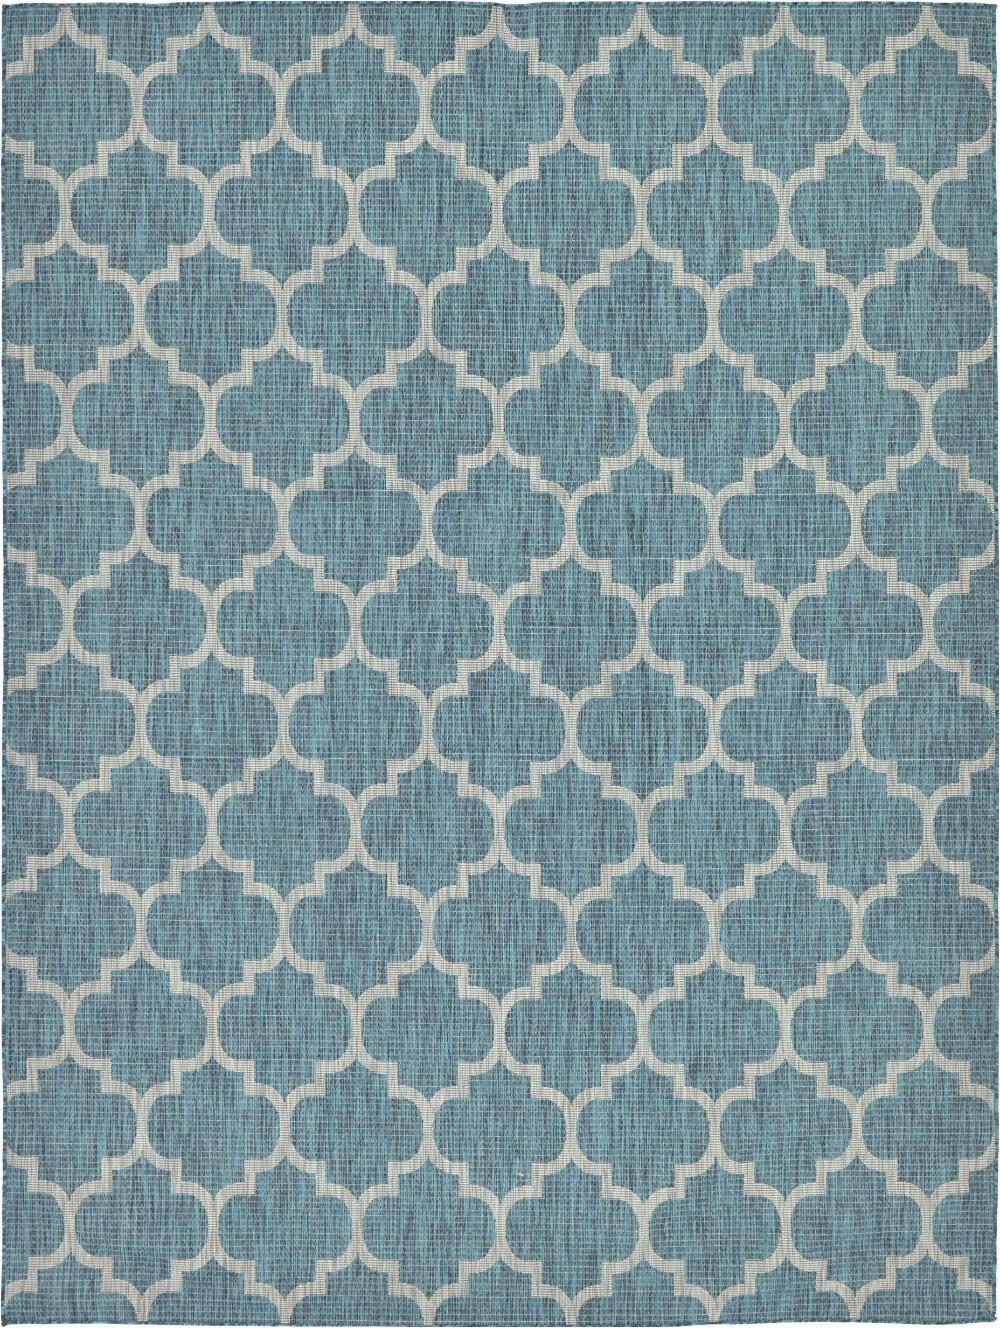 sol 72 outdoor delray geometric teal indoor outdoor area rug w piid=